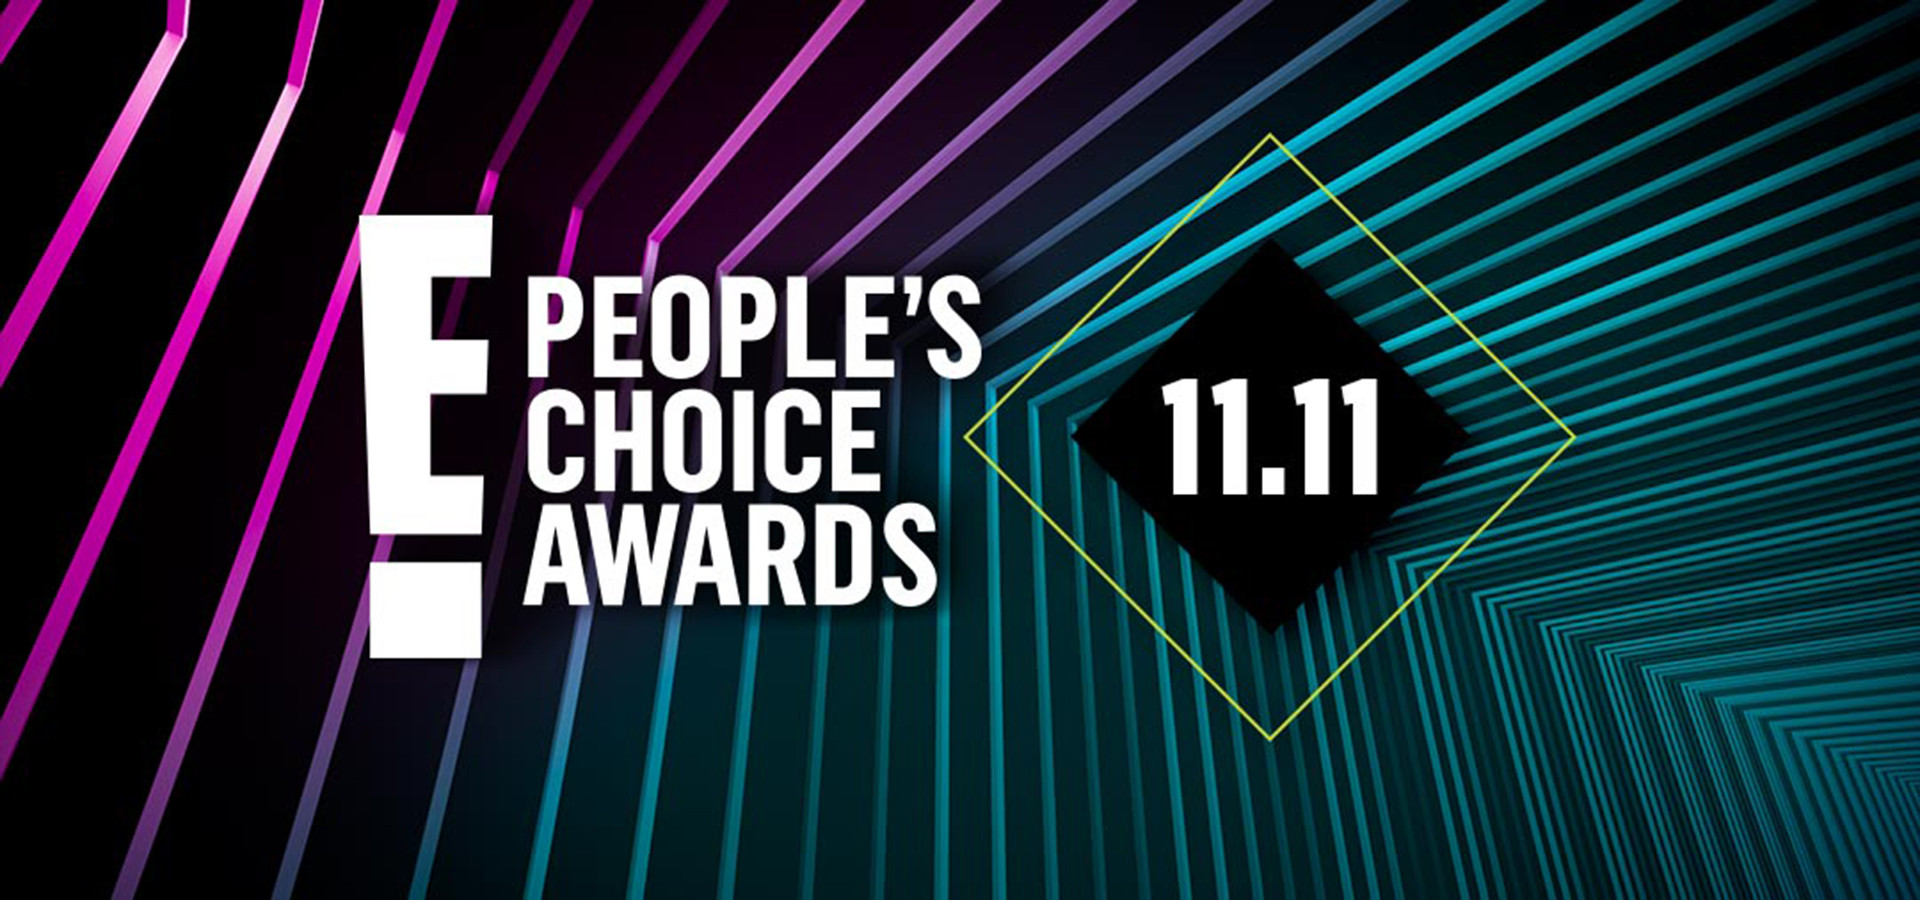 People's Choice Awards, PCAs